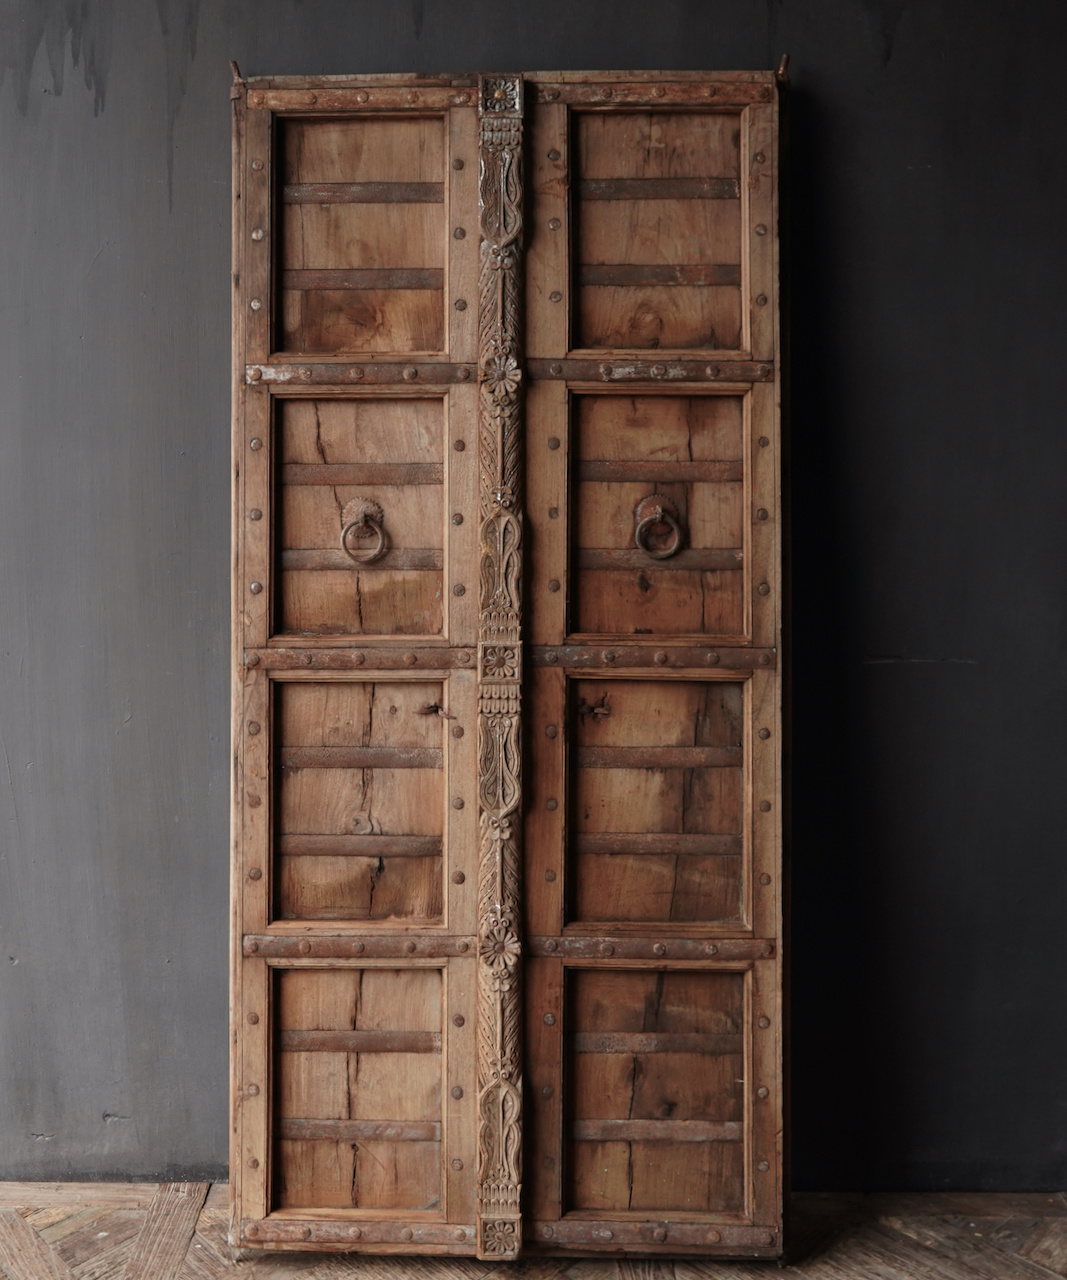 Alte indische Türen gesetzt-1